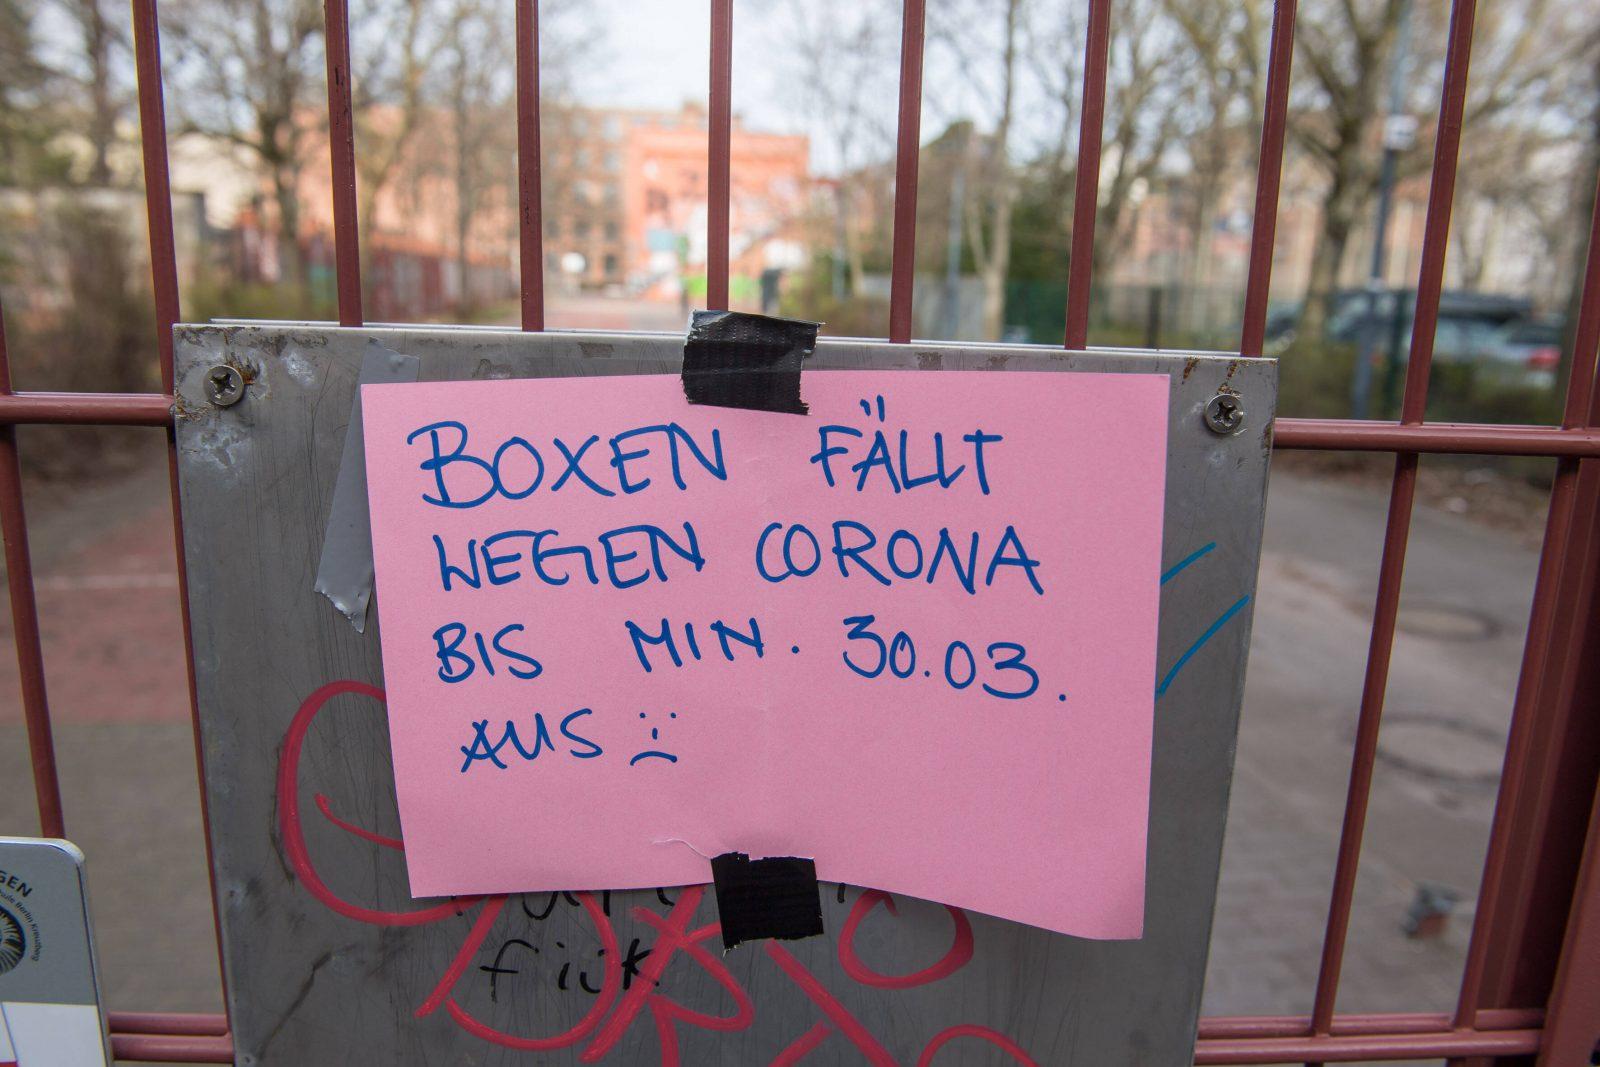 Corona-Blog Berlin: Ein Schild weist in Kreuzberg darauf hin, dass das Box-Training ausfällt.